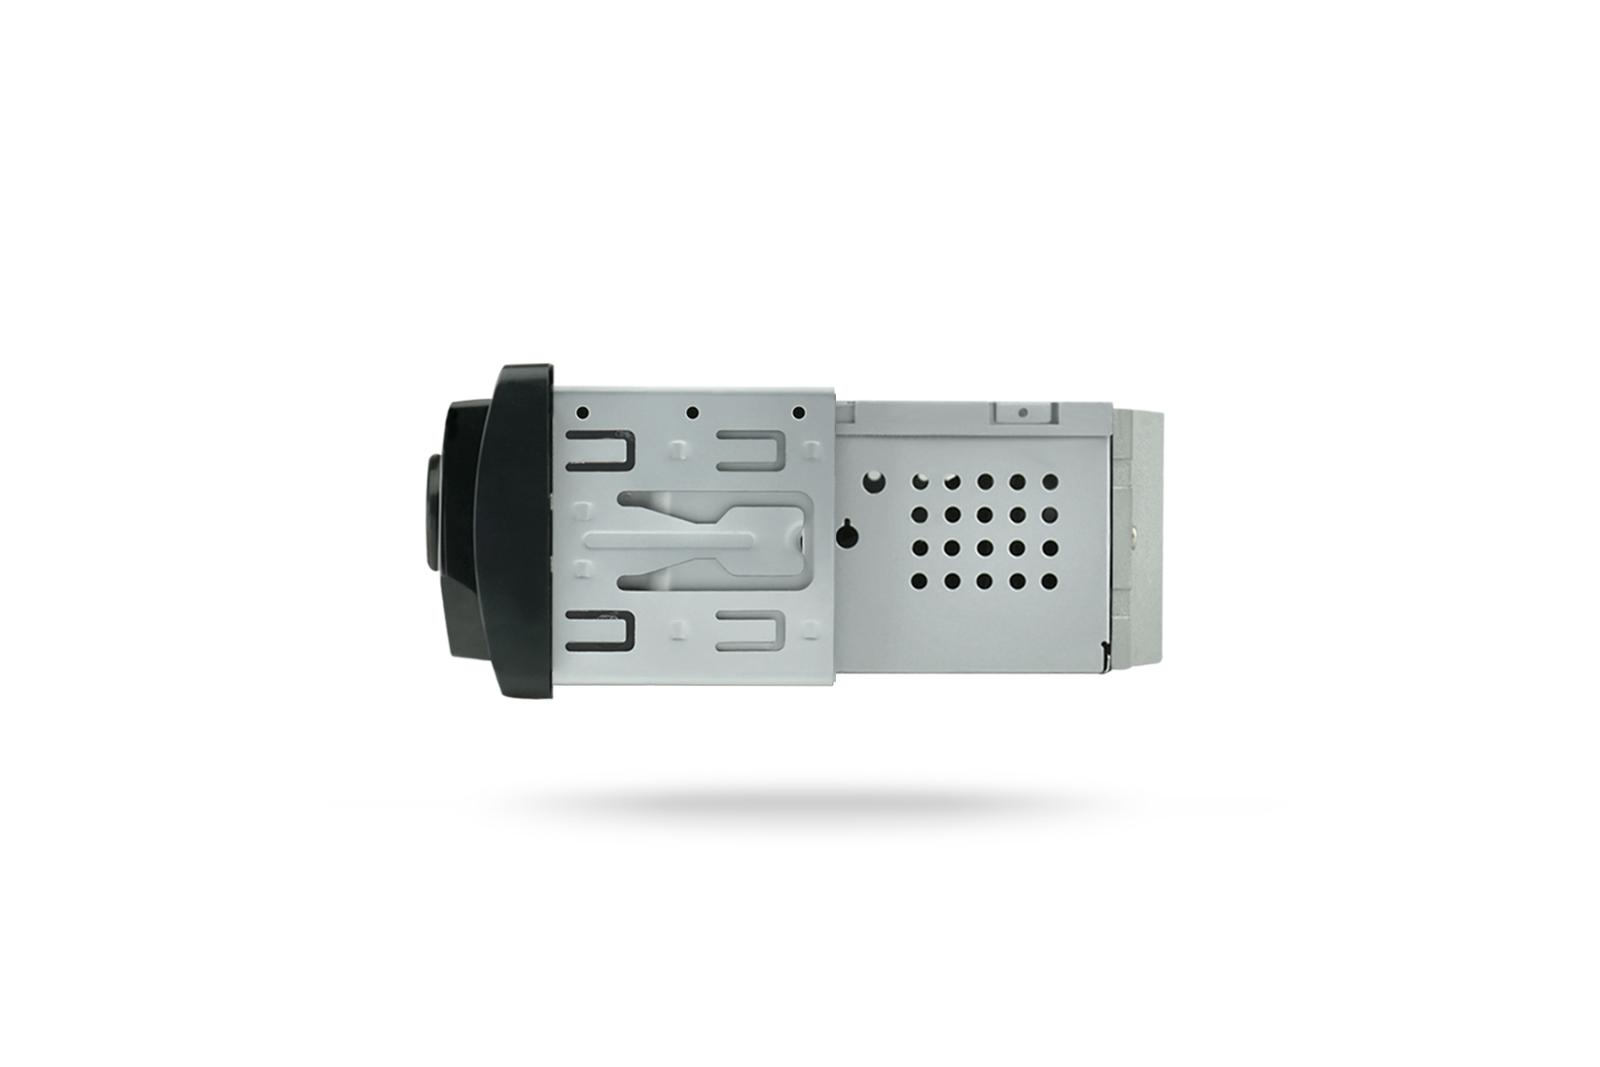 RF 200 XBLITZ von Hersteller bis zu - % Rabatt!